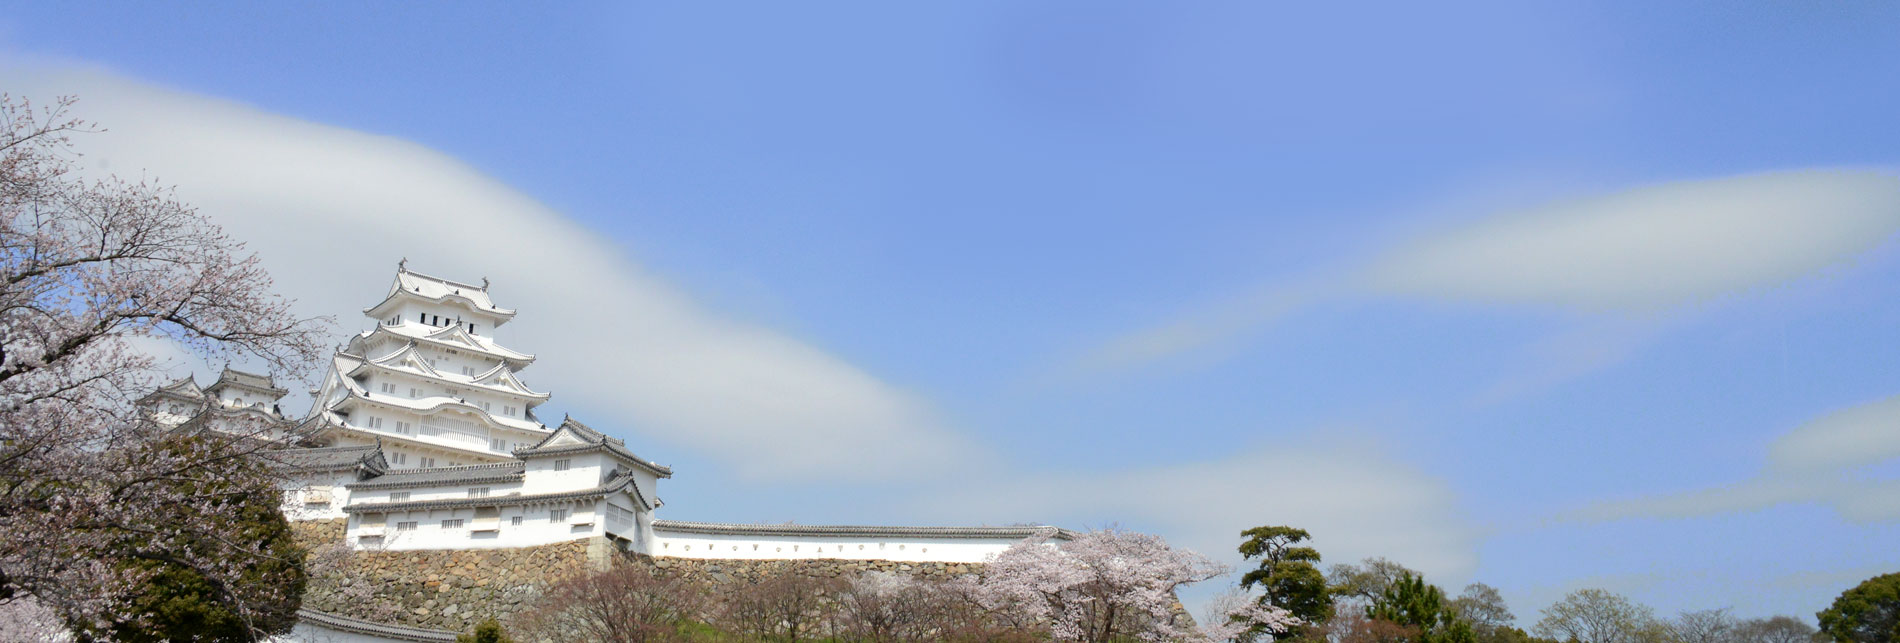 世界遺産姫路城に育まれた城下町、姫路。 <br> <br>当地で創業56年目(2019年/ウェブサイト開設18年)を迎えました<br> <br>姫路の 呉服えり新 よりお届けいたします。